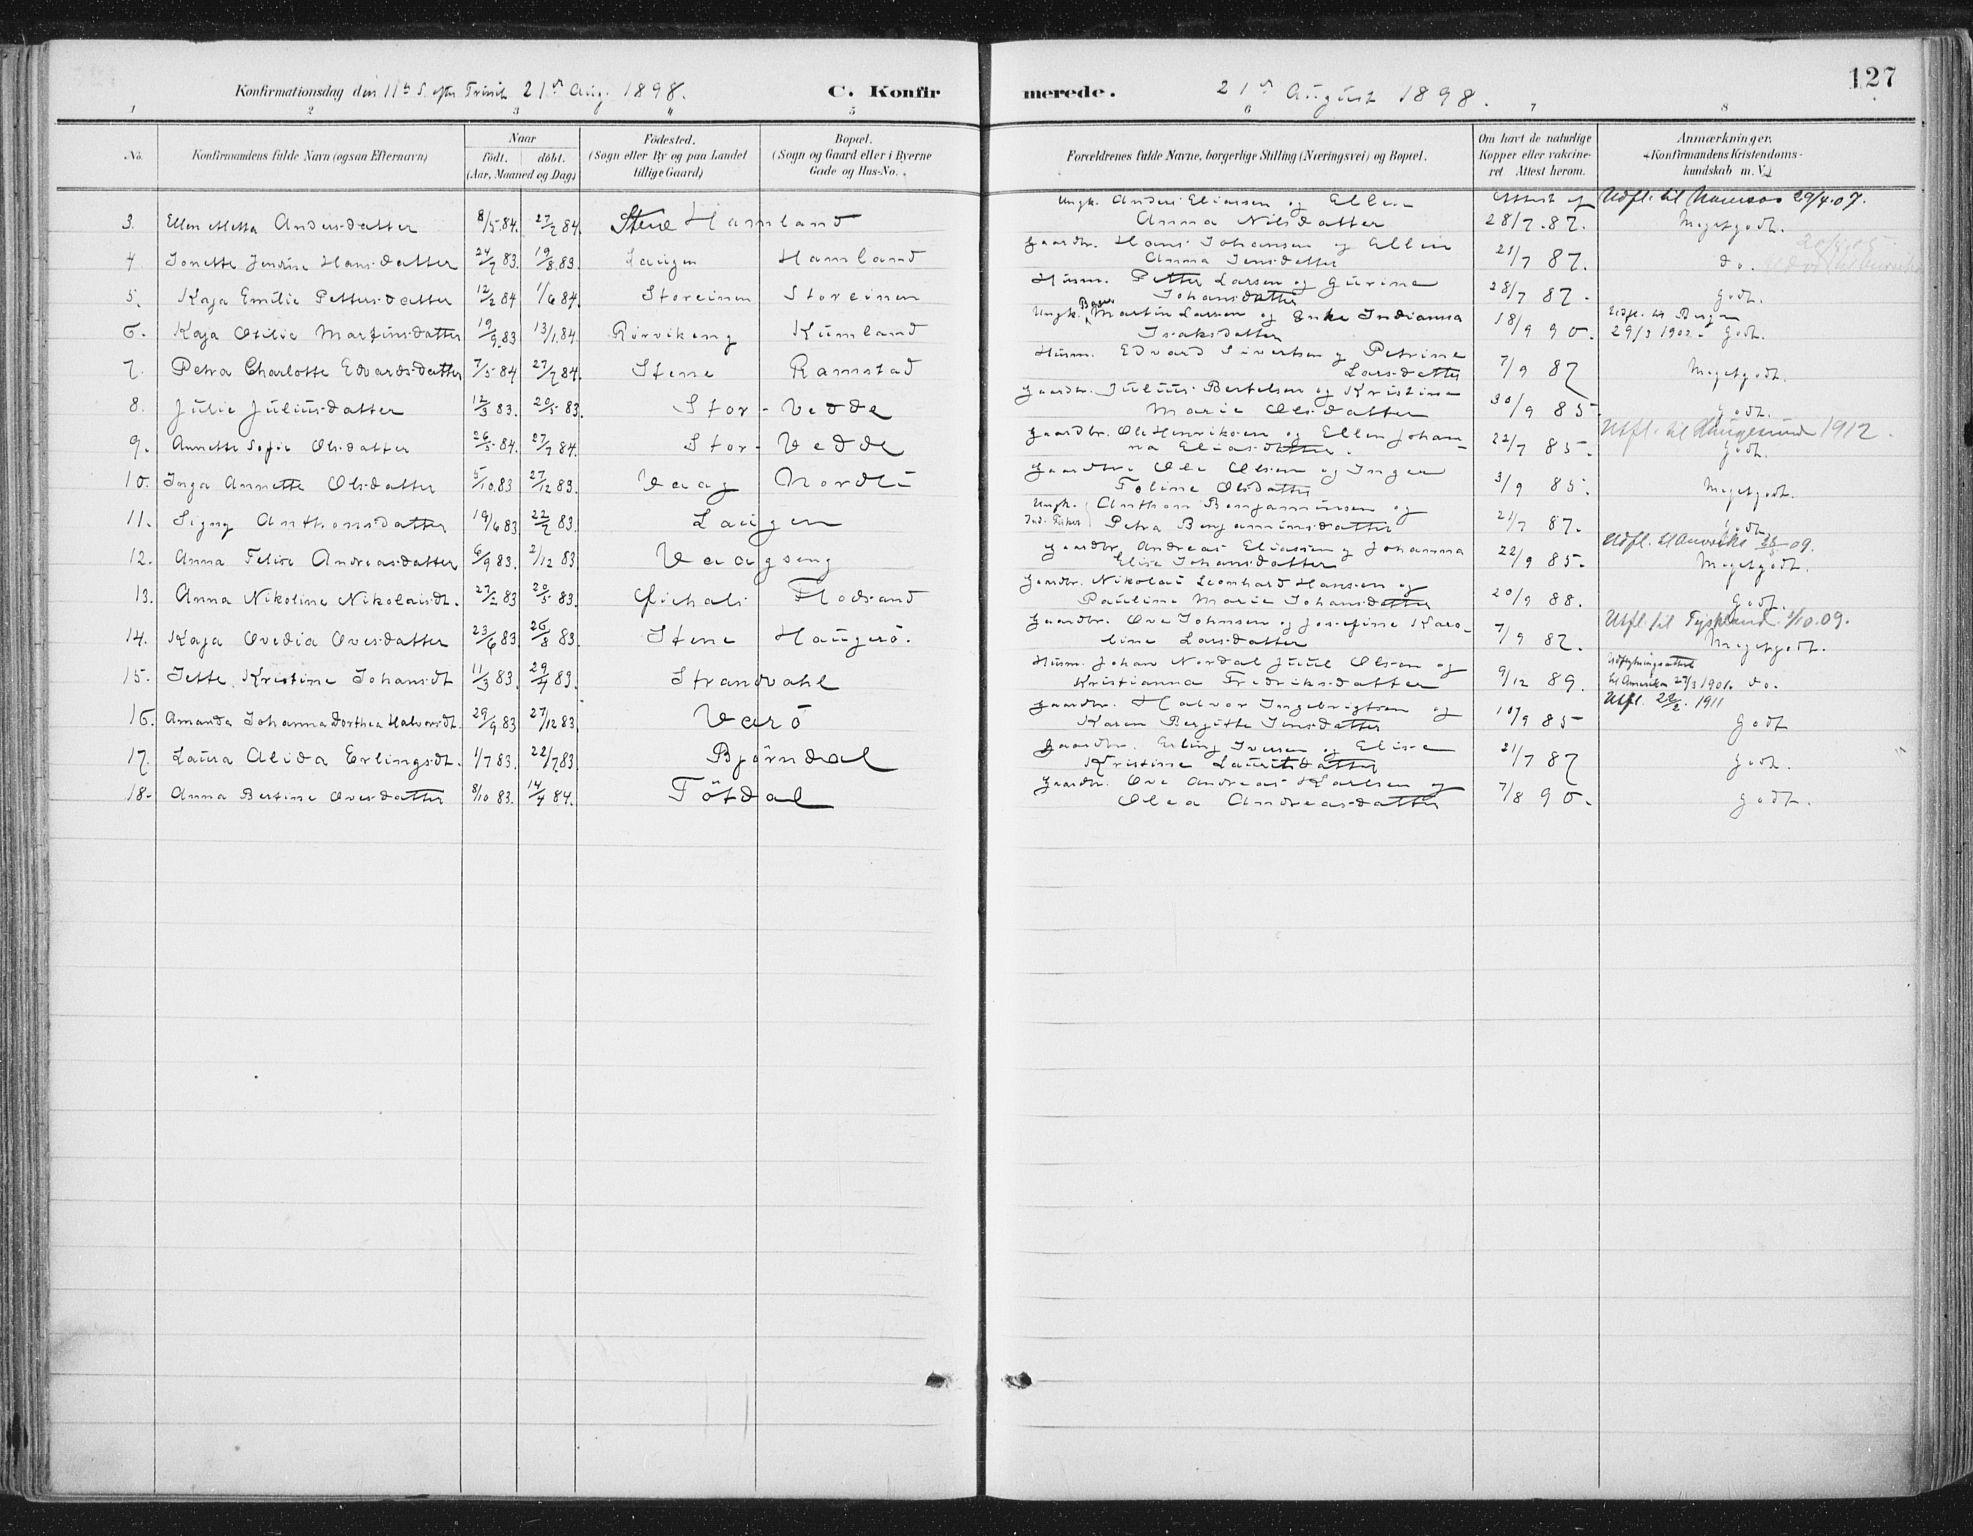 SAT, Ministerialprotokoller, klokkerbøker og fødselsregistre - Nord-Trøndelag, 784/L0673: Ministerialbok nr. 784A08, 1888-1899, s. 127